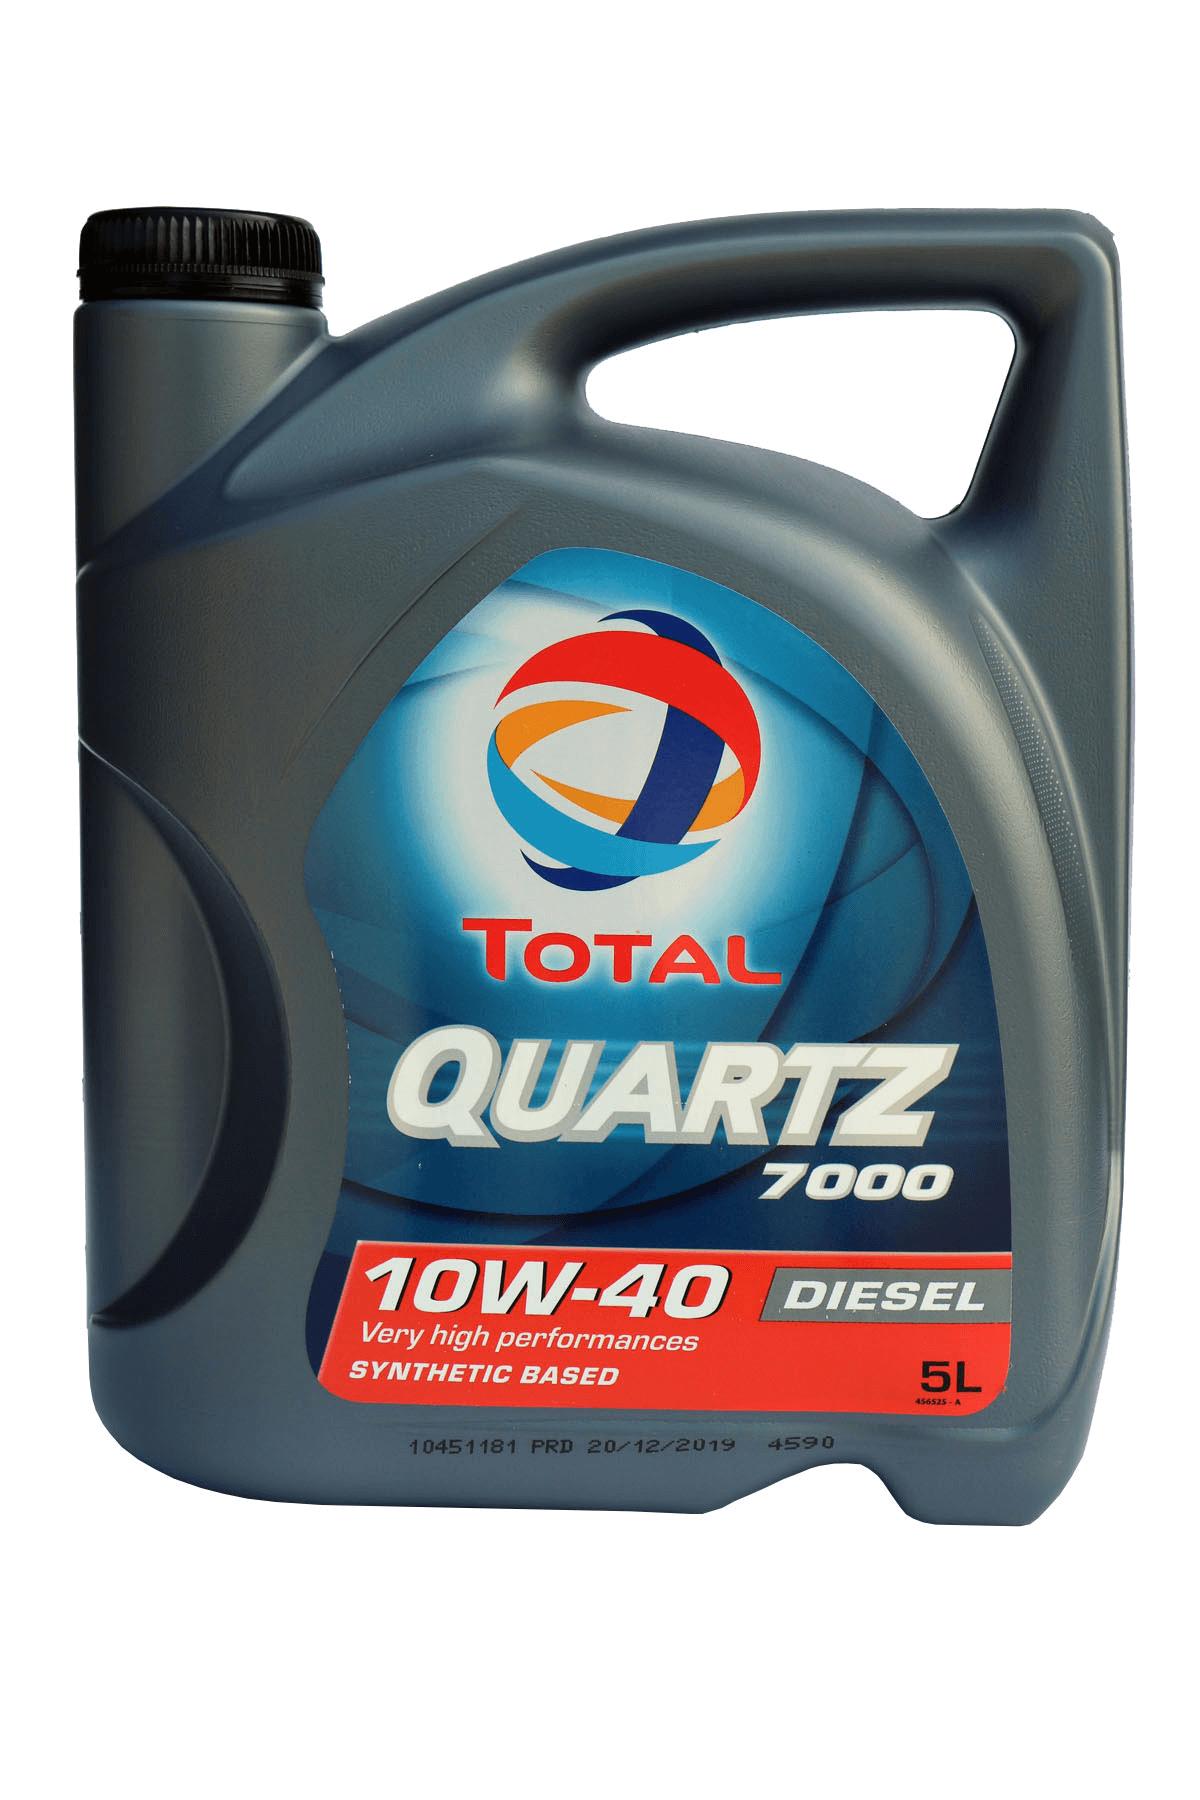 Total Quartz 7000 Diesel 10W-40 Motoröl, 5l